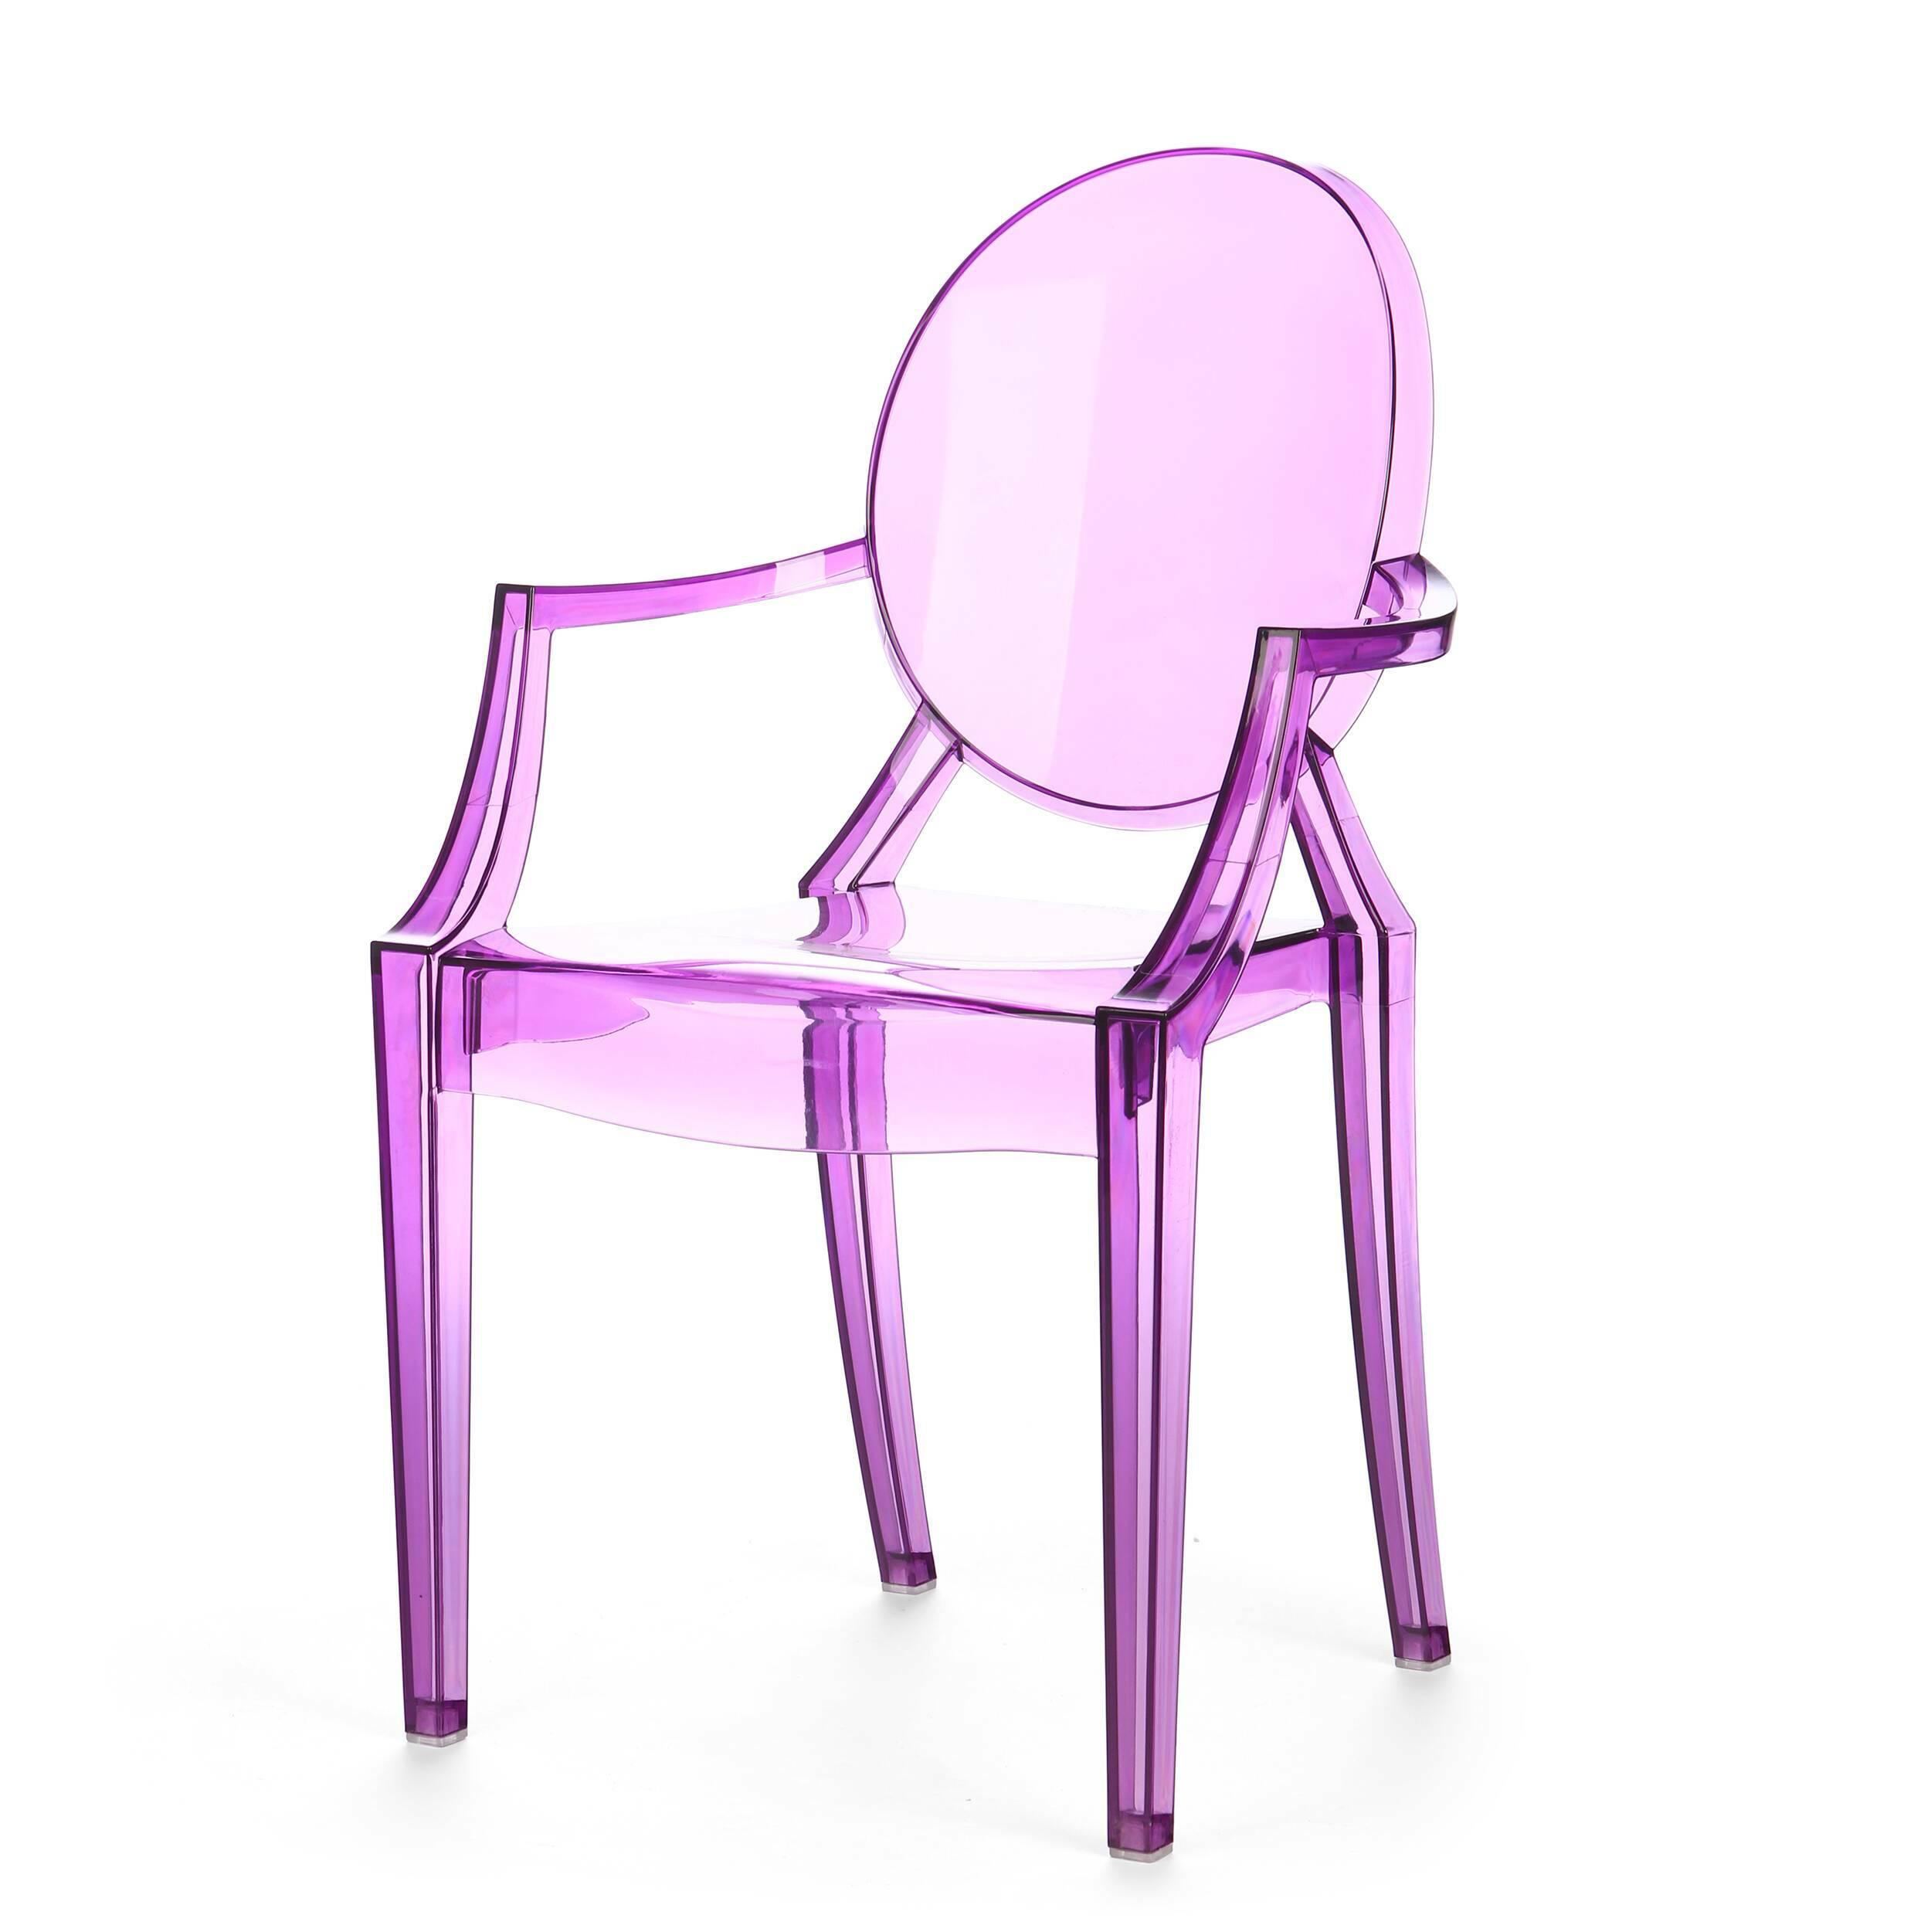 Стул Louis GhostИнтерьерные<br>Дизайнерский глянцевый жесткий пластиковый стул Louis Ghost (Луи Гост) с круглым сиденьем на четырех ножках от Cosmo (Космо).<br><br>     Волна любви к маэстро промышленного дизайна французу Филиппу Старку, захлестнувшая мир несколько лет назад, отнюдь не спадает. Его предметы давно стали must have любого стильного интерьера, и стул Louis Ghost не исключение. Этот бестселлер — ироничная фантазия на тему классического кресла в стиле Людовика XVI, не зря же и назван он «призрак Людовика». На бестел...<br><br>stock: 5<br>Высота: 92,5<br>Высота сиденья: 48,5<br>Ширина: 54<br>Глубина: 57,5<br>Материал каркаса: Поликарбонат<br>Тип материала каркаса: Пластик<br>Цвет каркаса: Фиолетовый прозрачный